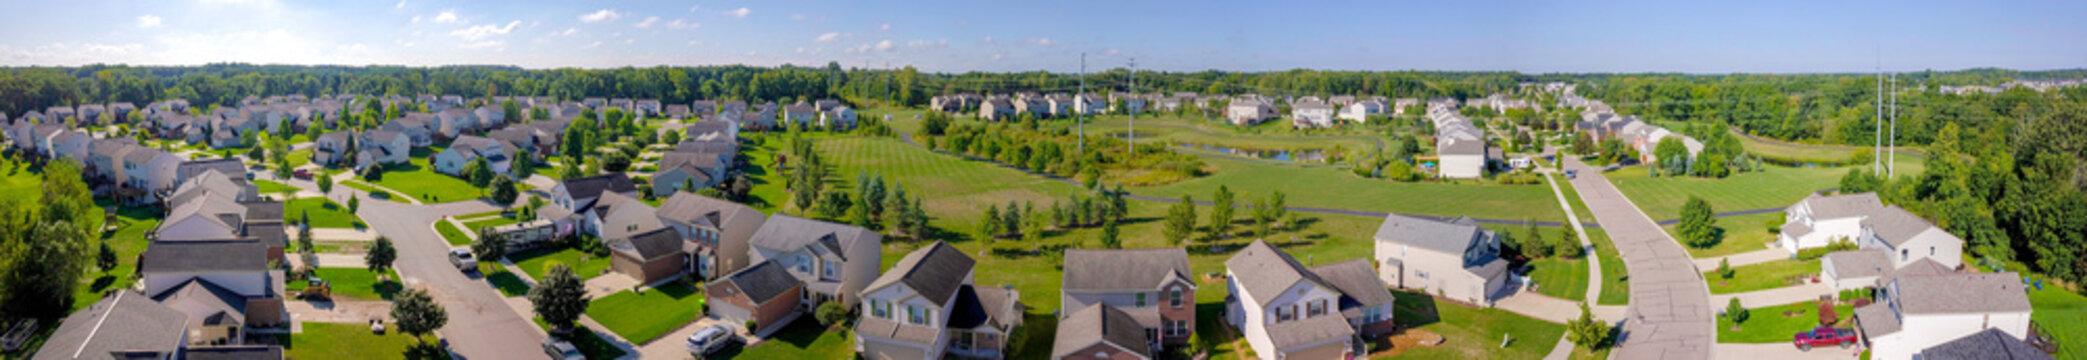 Neighborhood Aerial Panorama